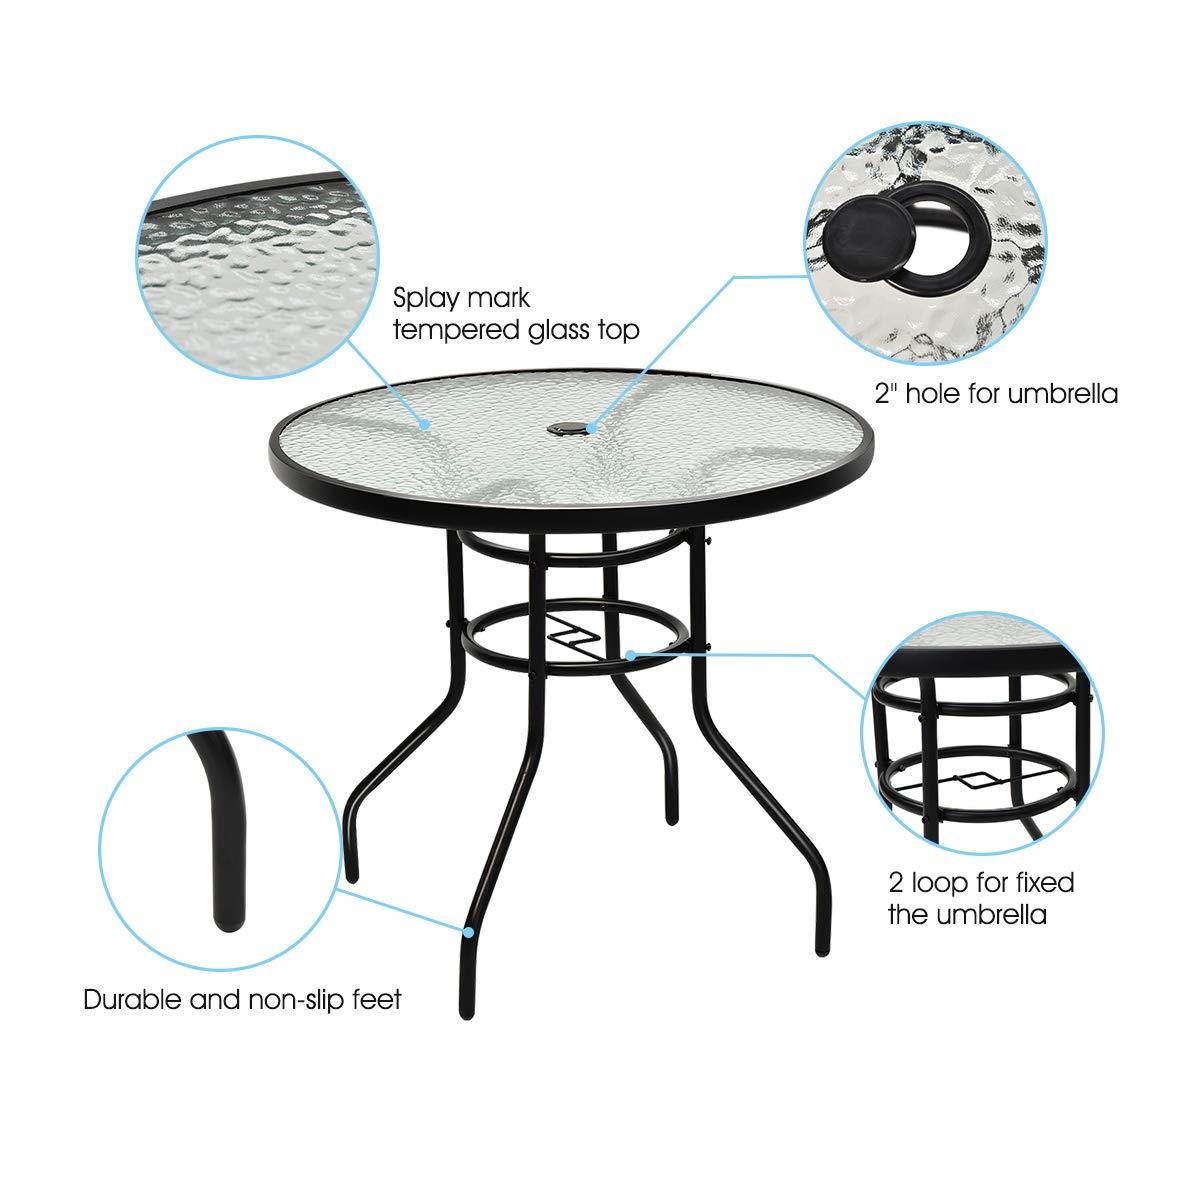 Amazon.com: Goplus - Juego de muebles de jardín de 5 piezas ...